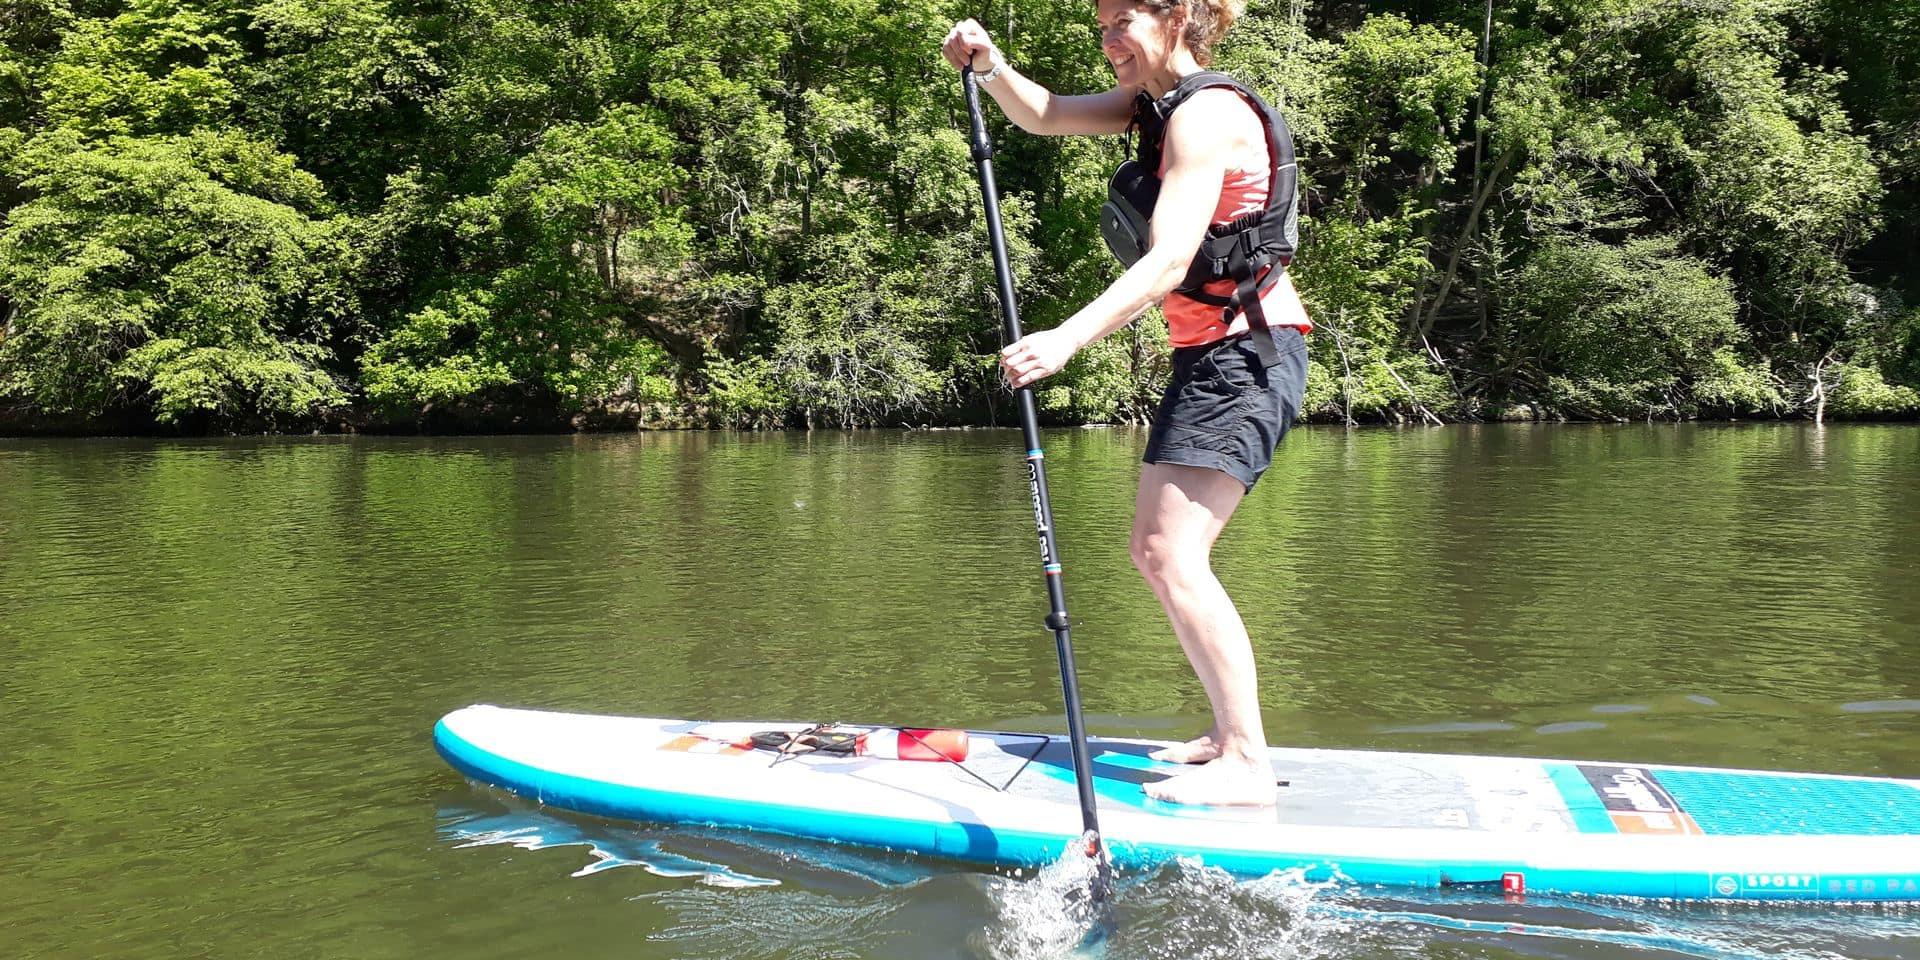 Les kayakistes se rabattent sur le lac de Nisramont